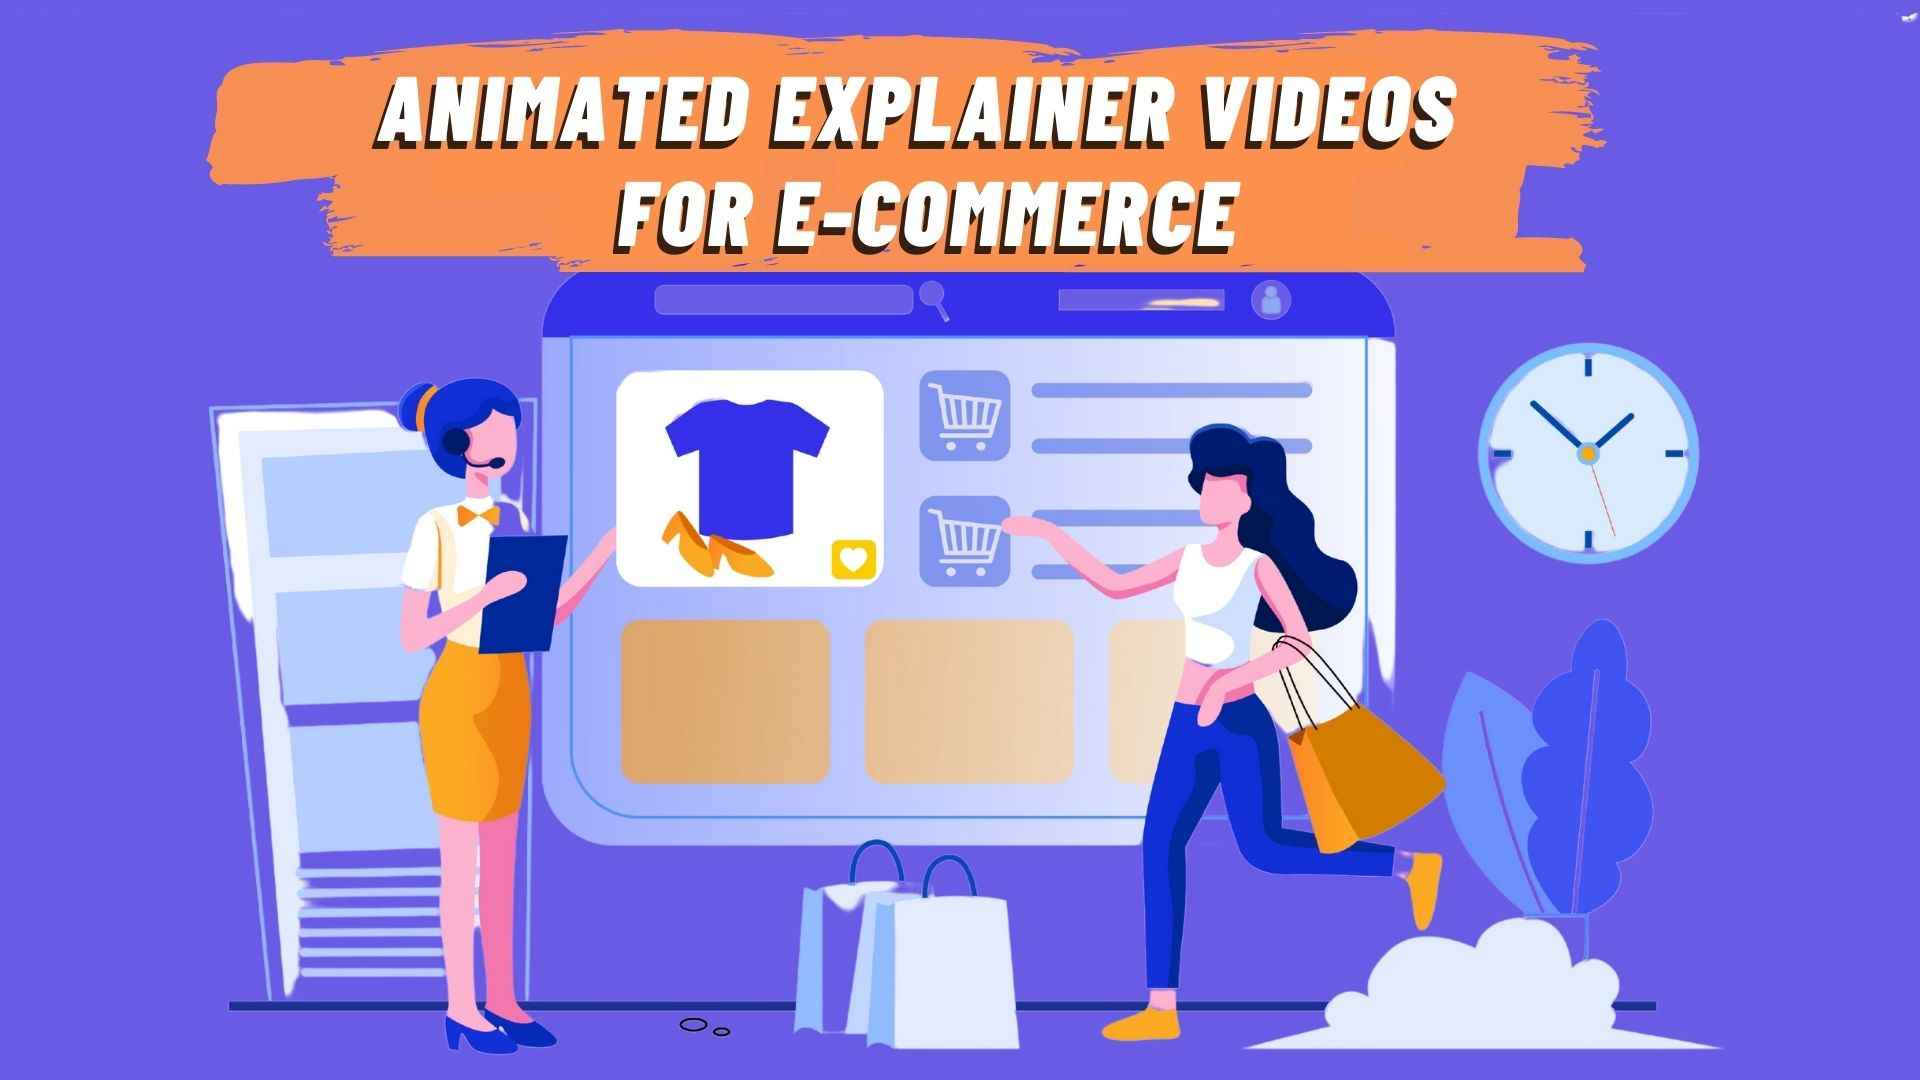 Animated explainer videos for E-commerce